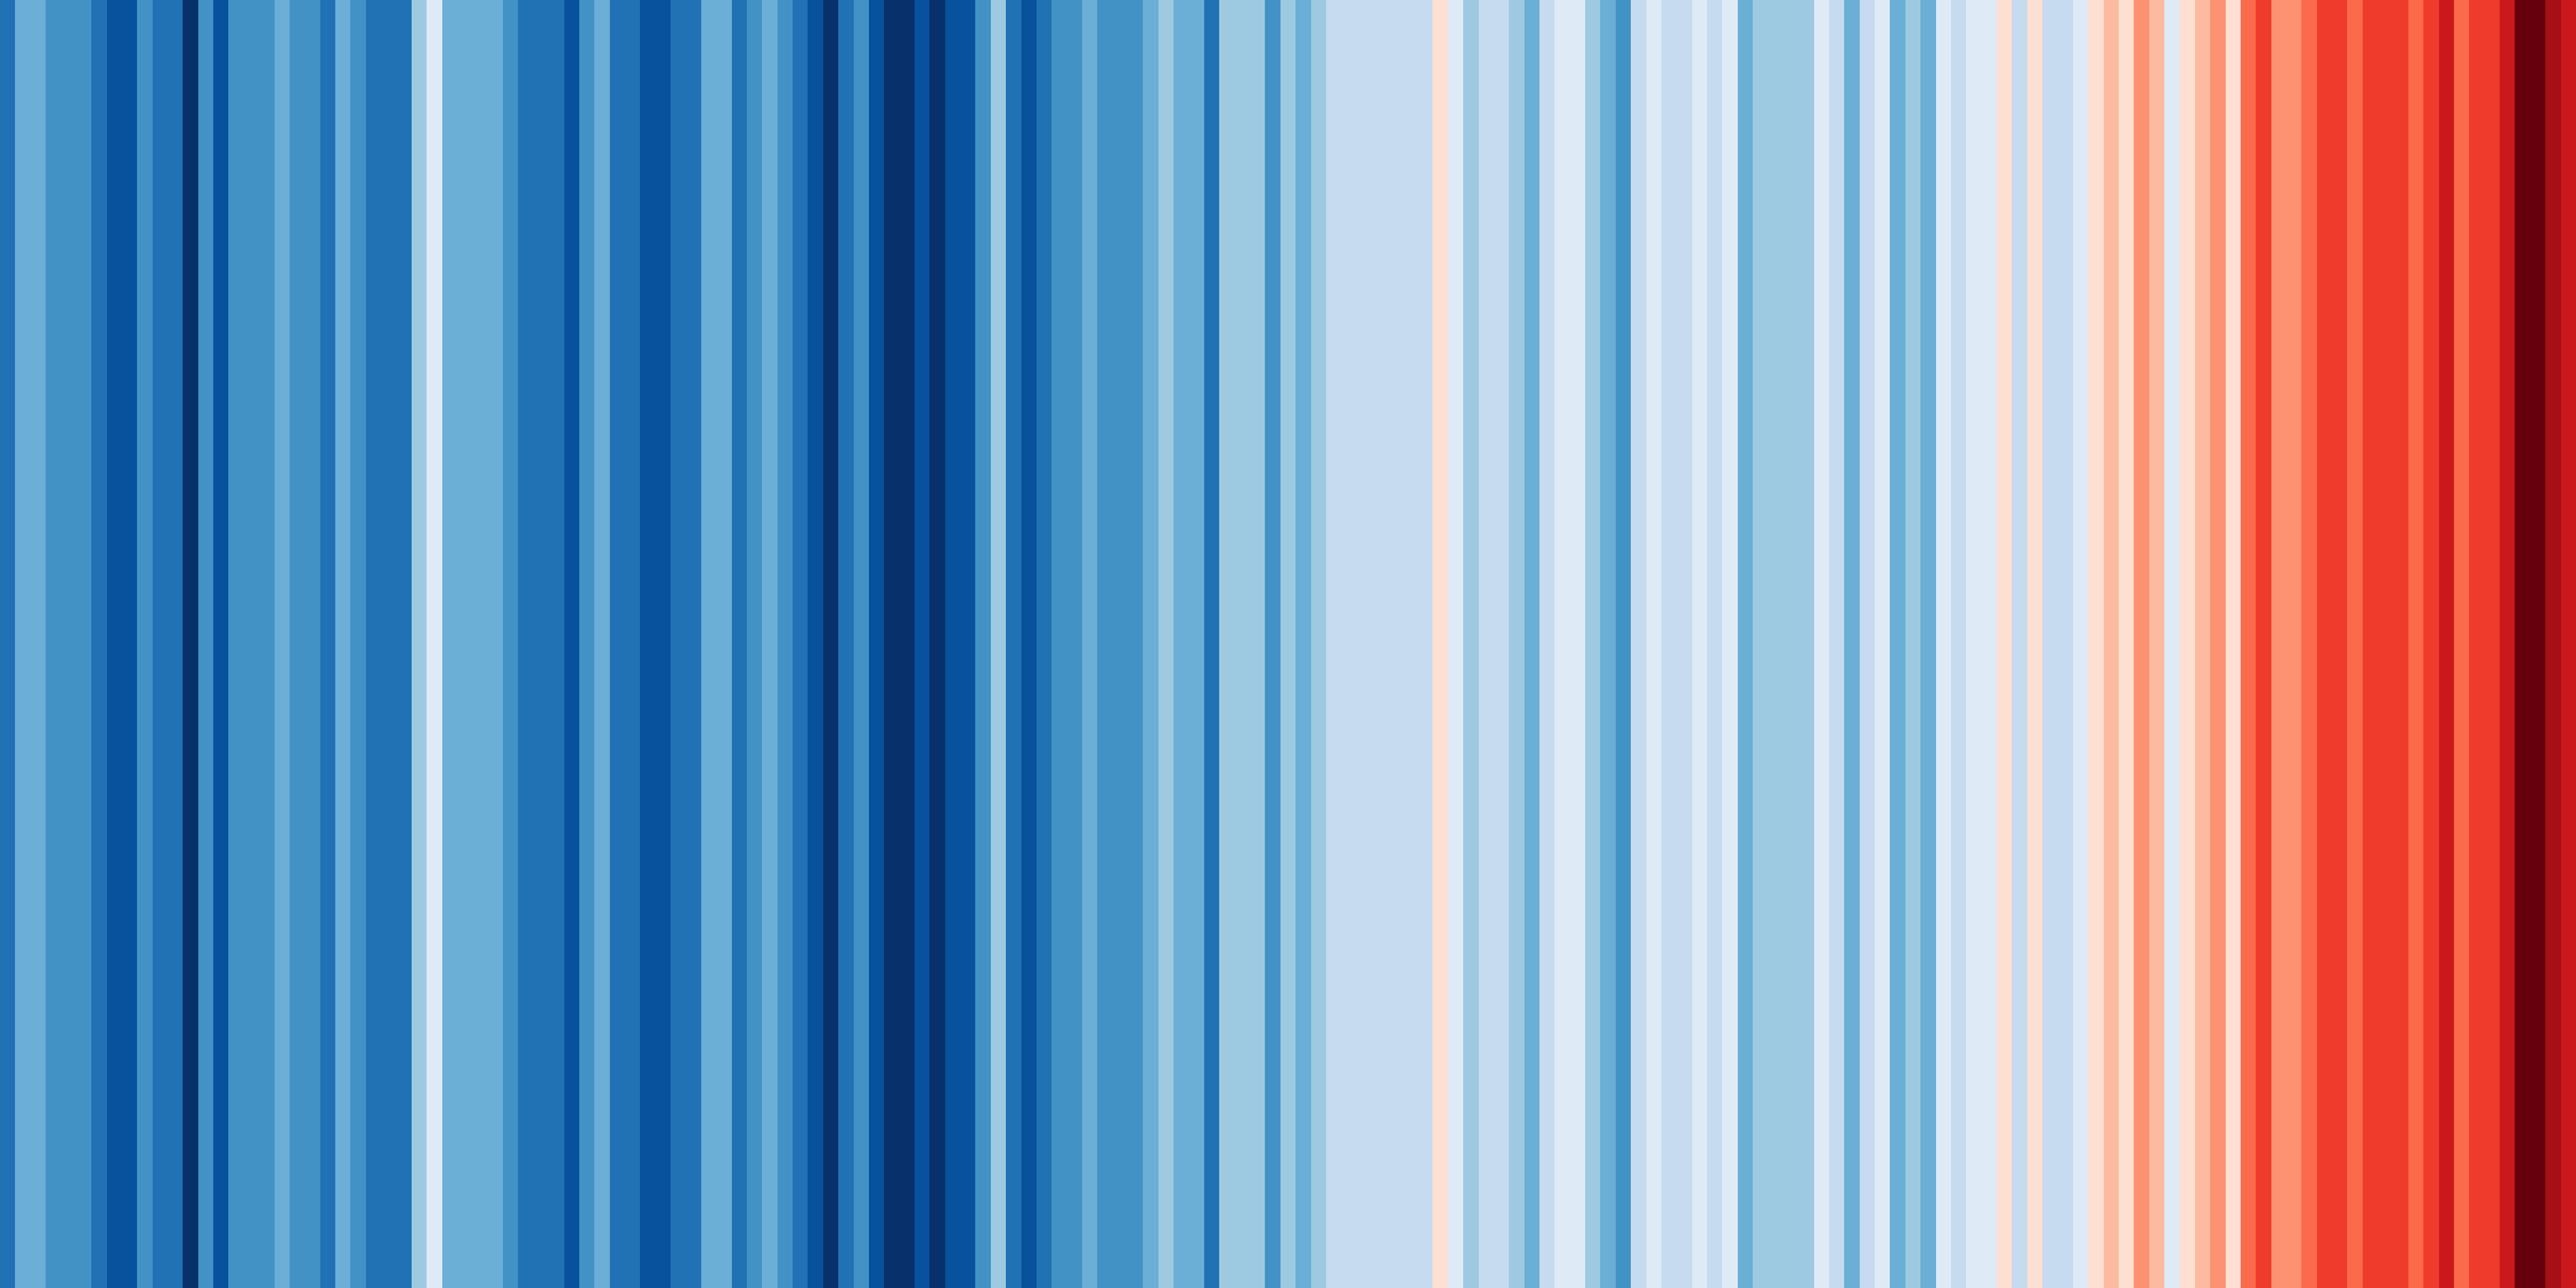 Il mondo: rappresentazione visuale della media annuale delle temperature globali dal 1850 al 2018. — (Progetto #ShowYourStripes dello scienziato Ed Hawkins)